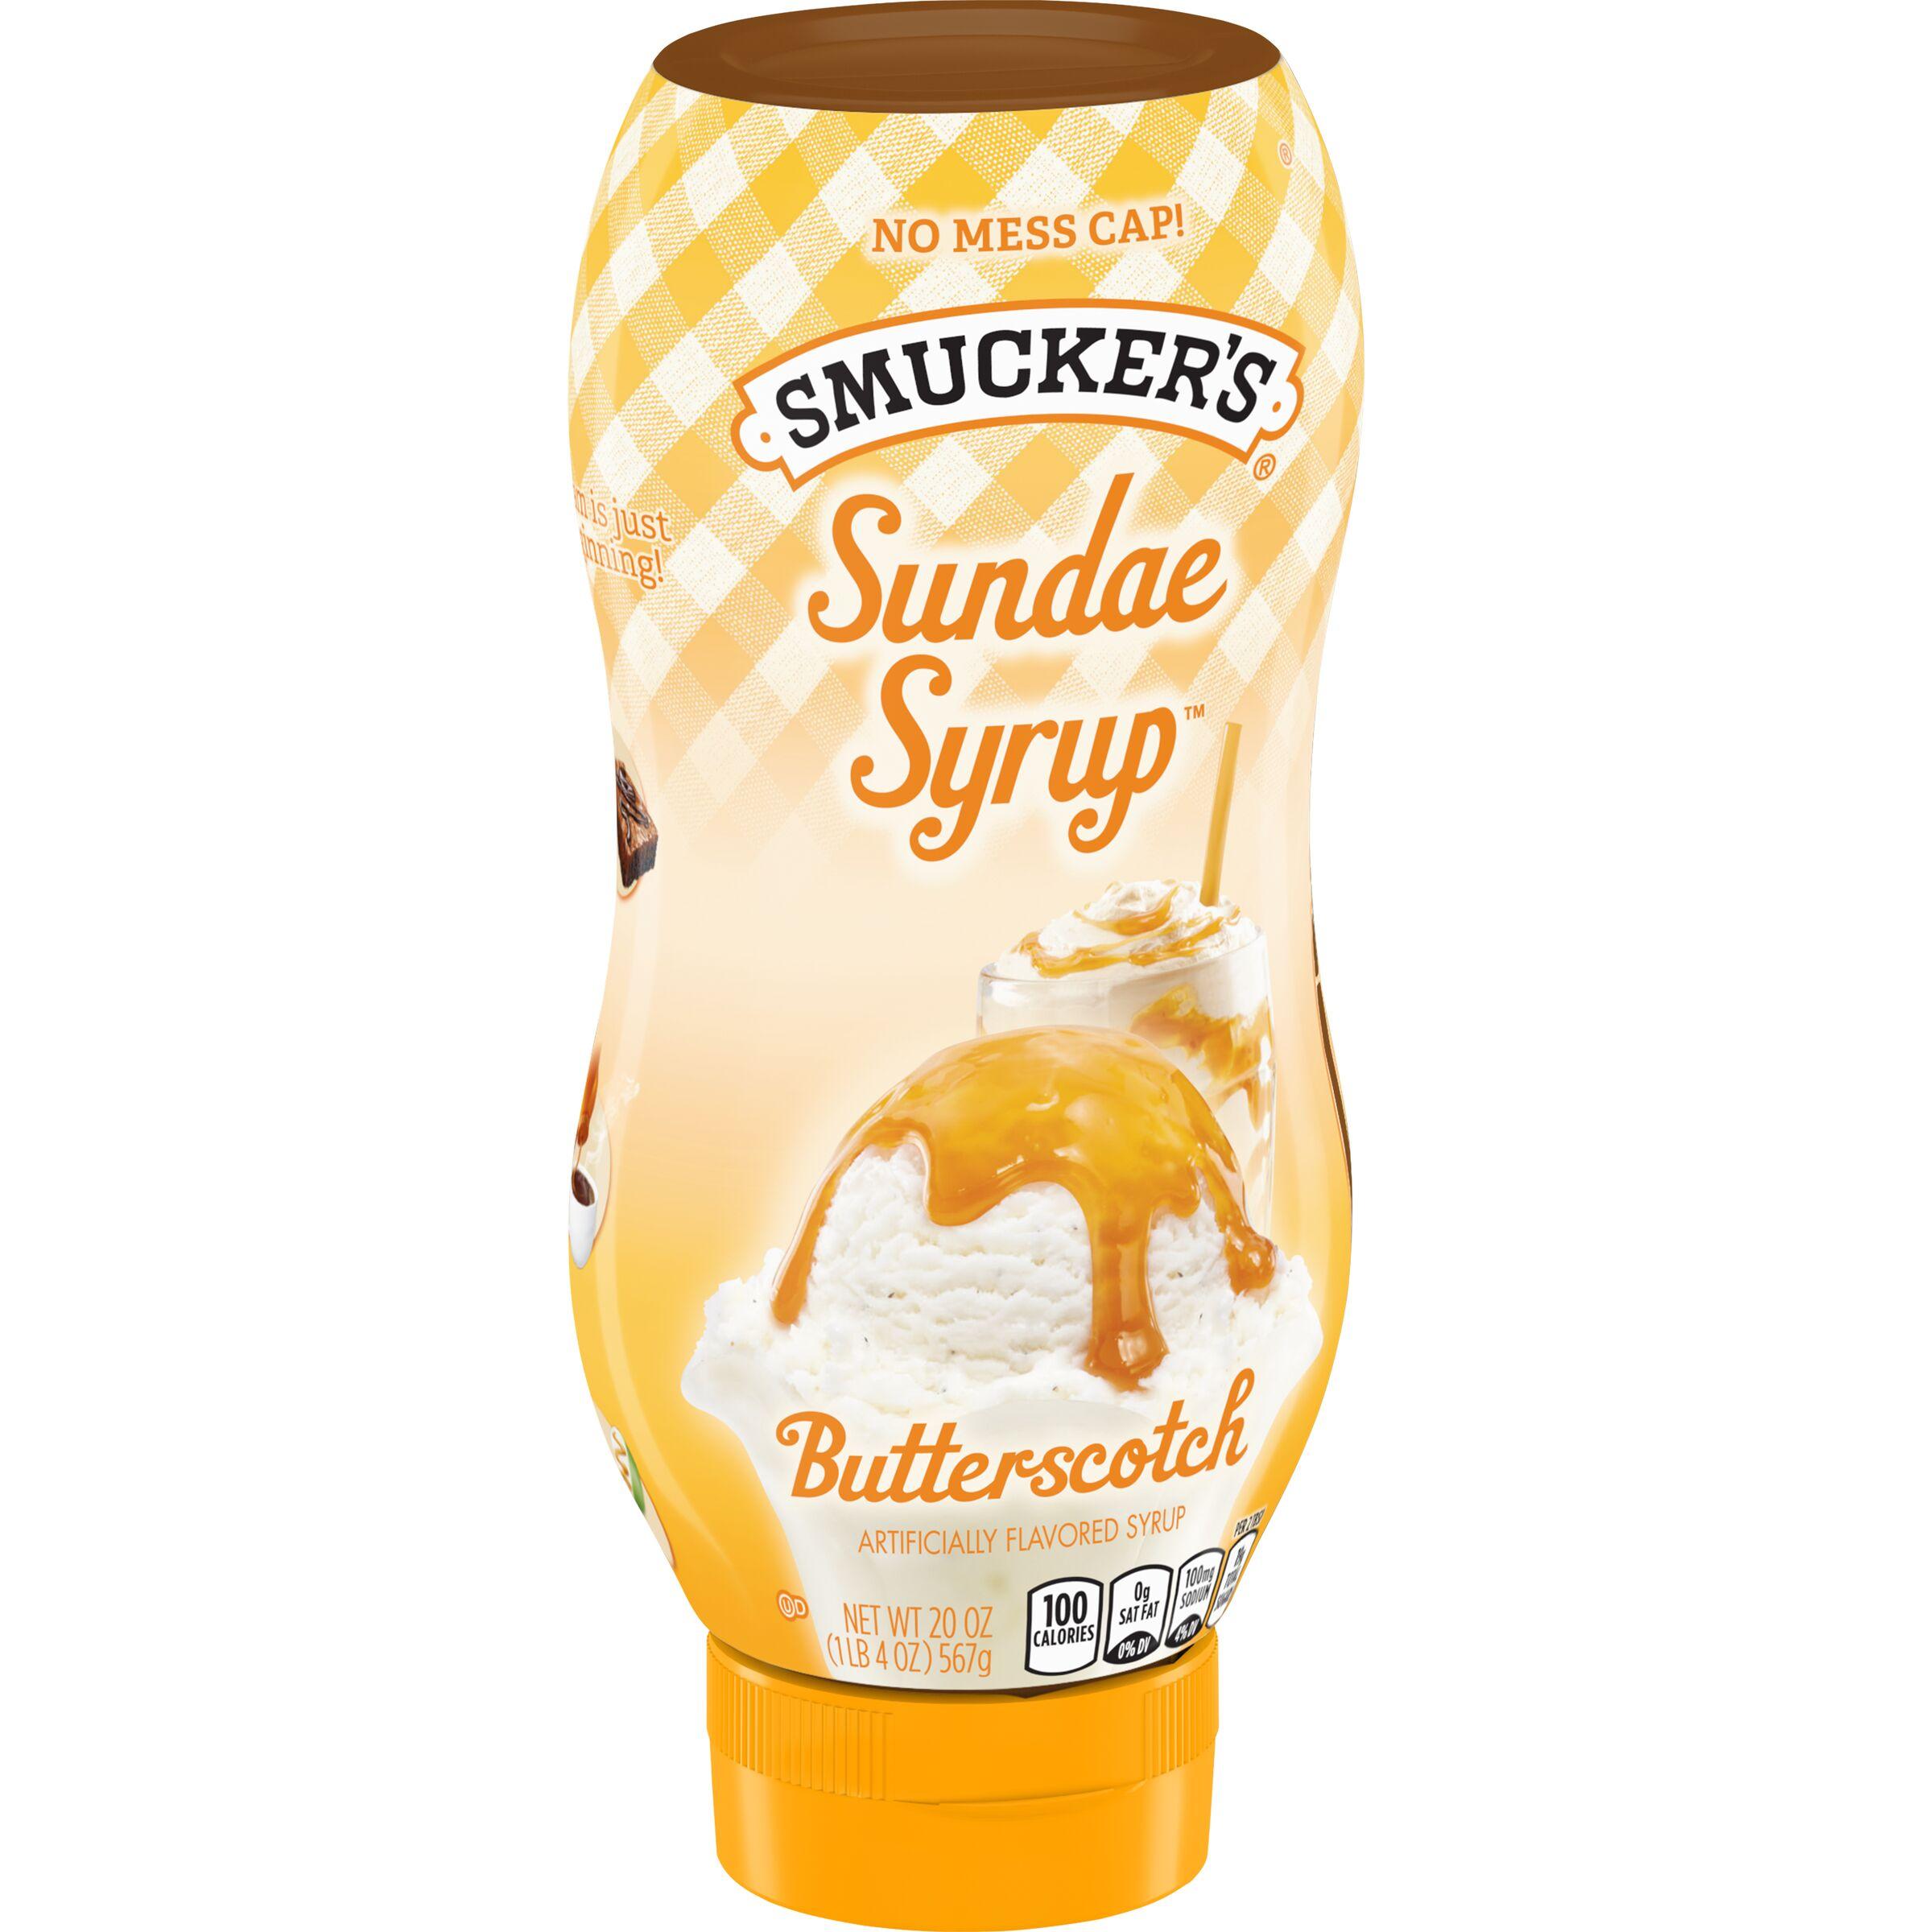 Smucker's Sundae Syrup - Butterscotch